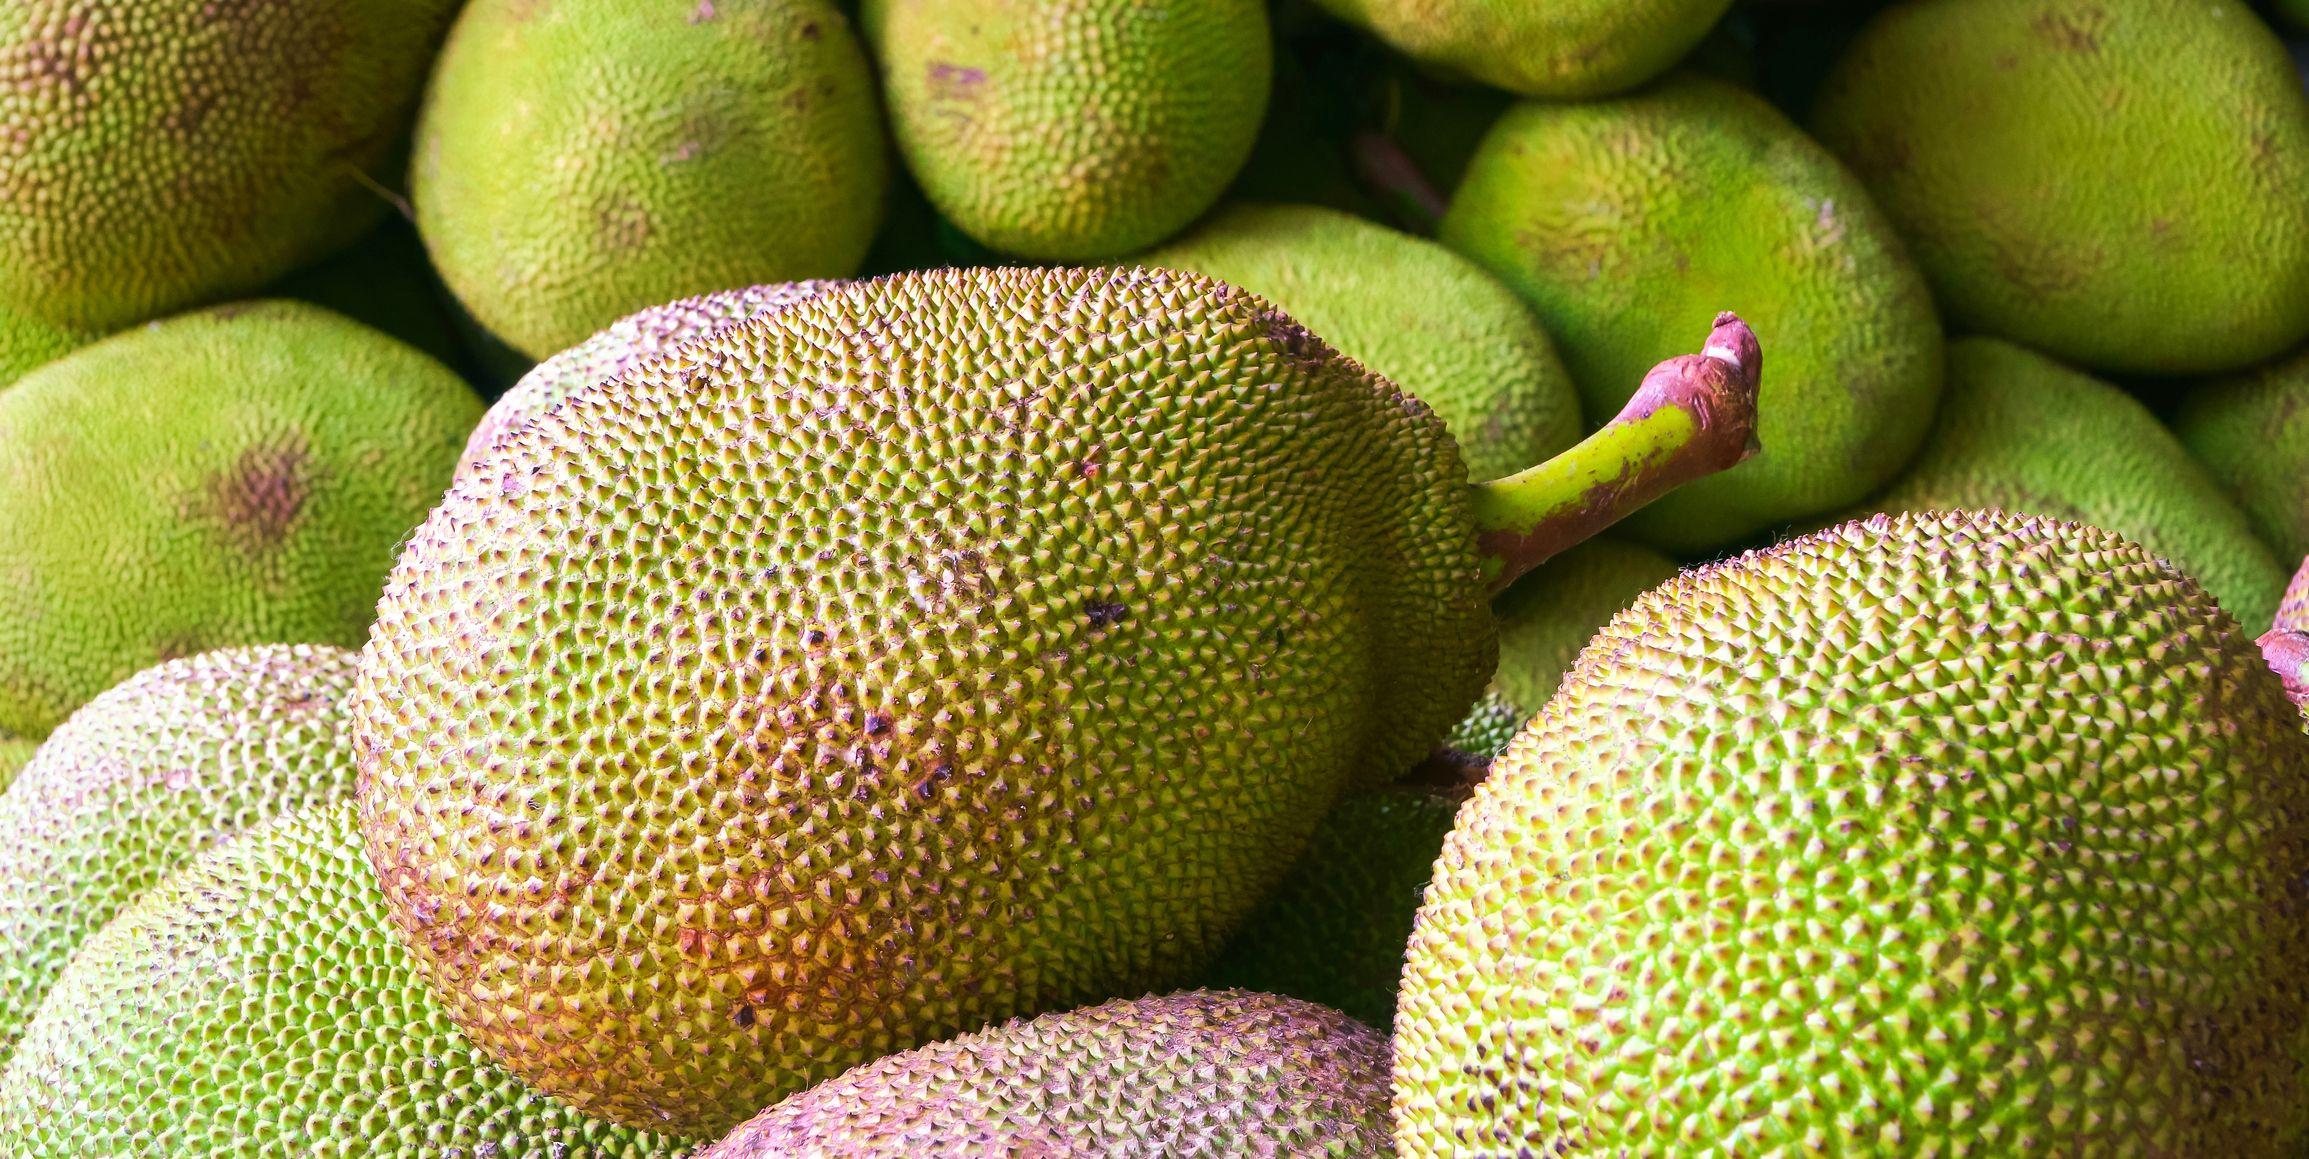 Full Frame Shot Of Jackfruits For Sale At Market